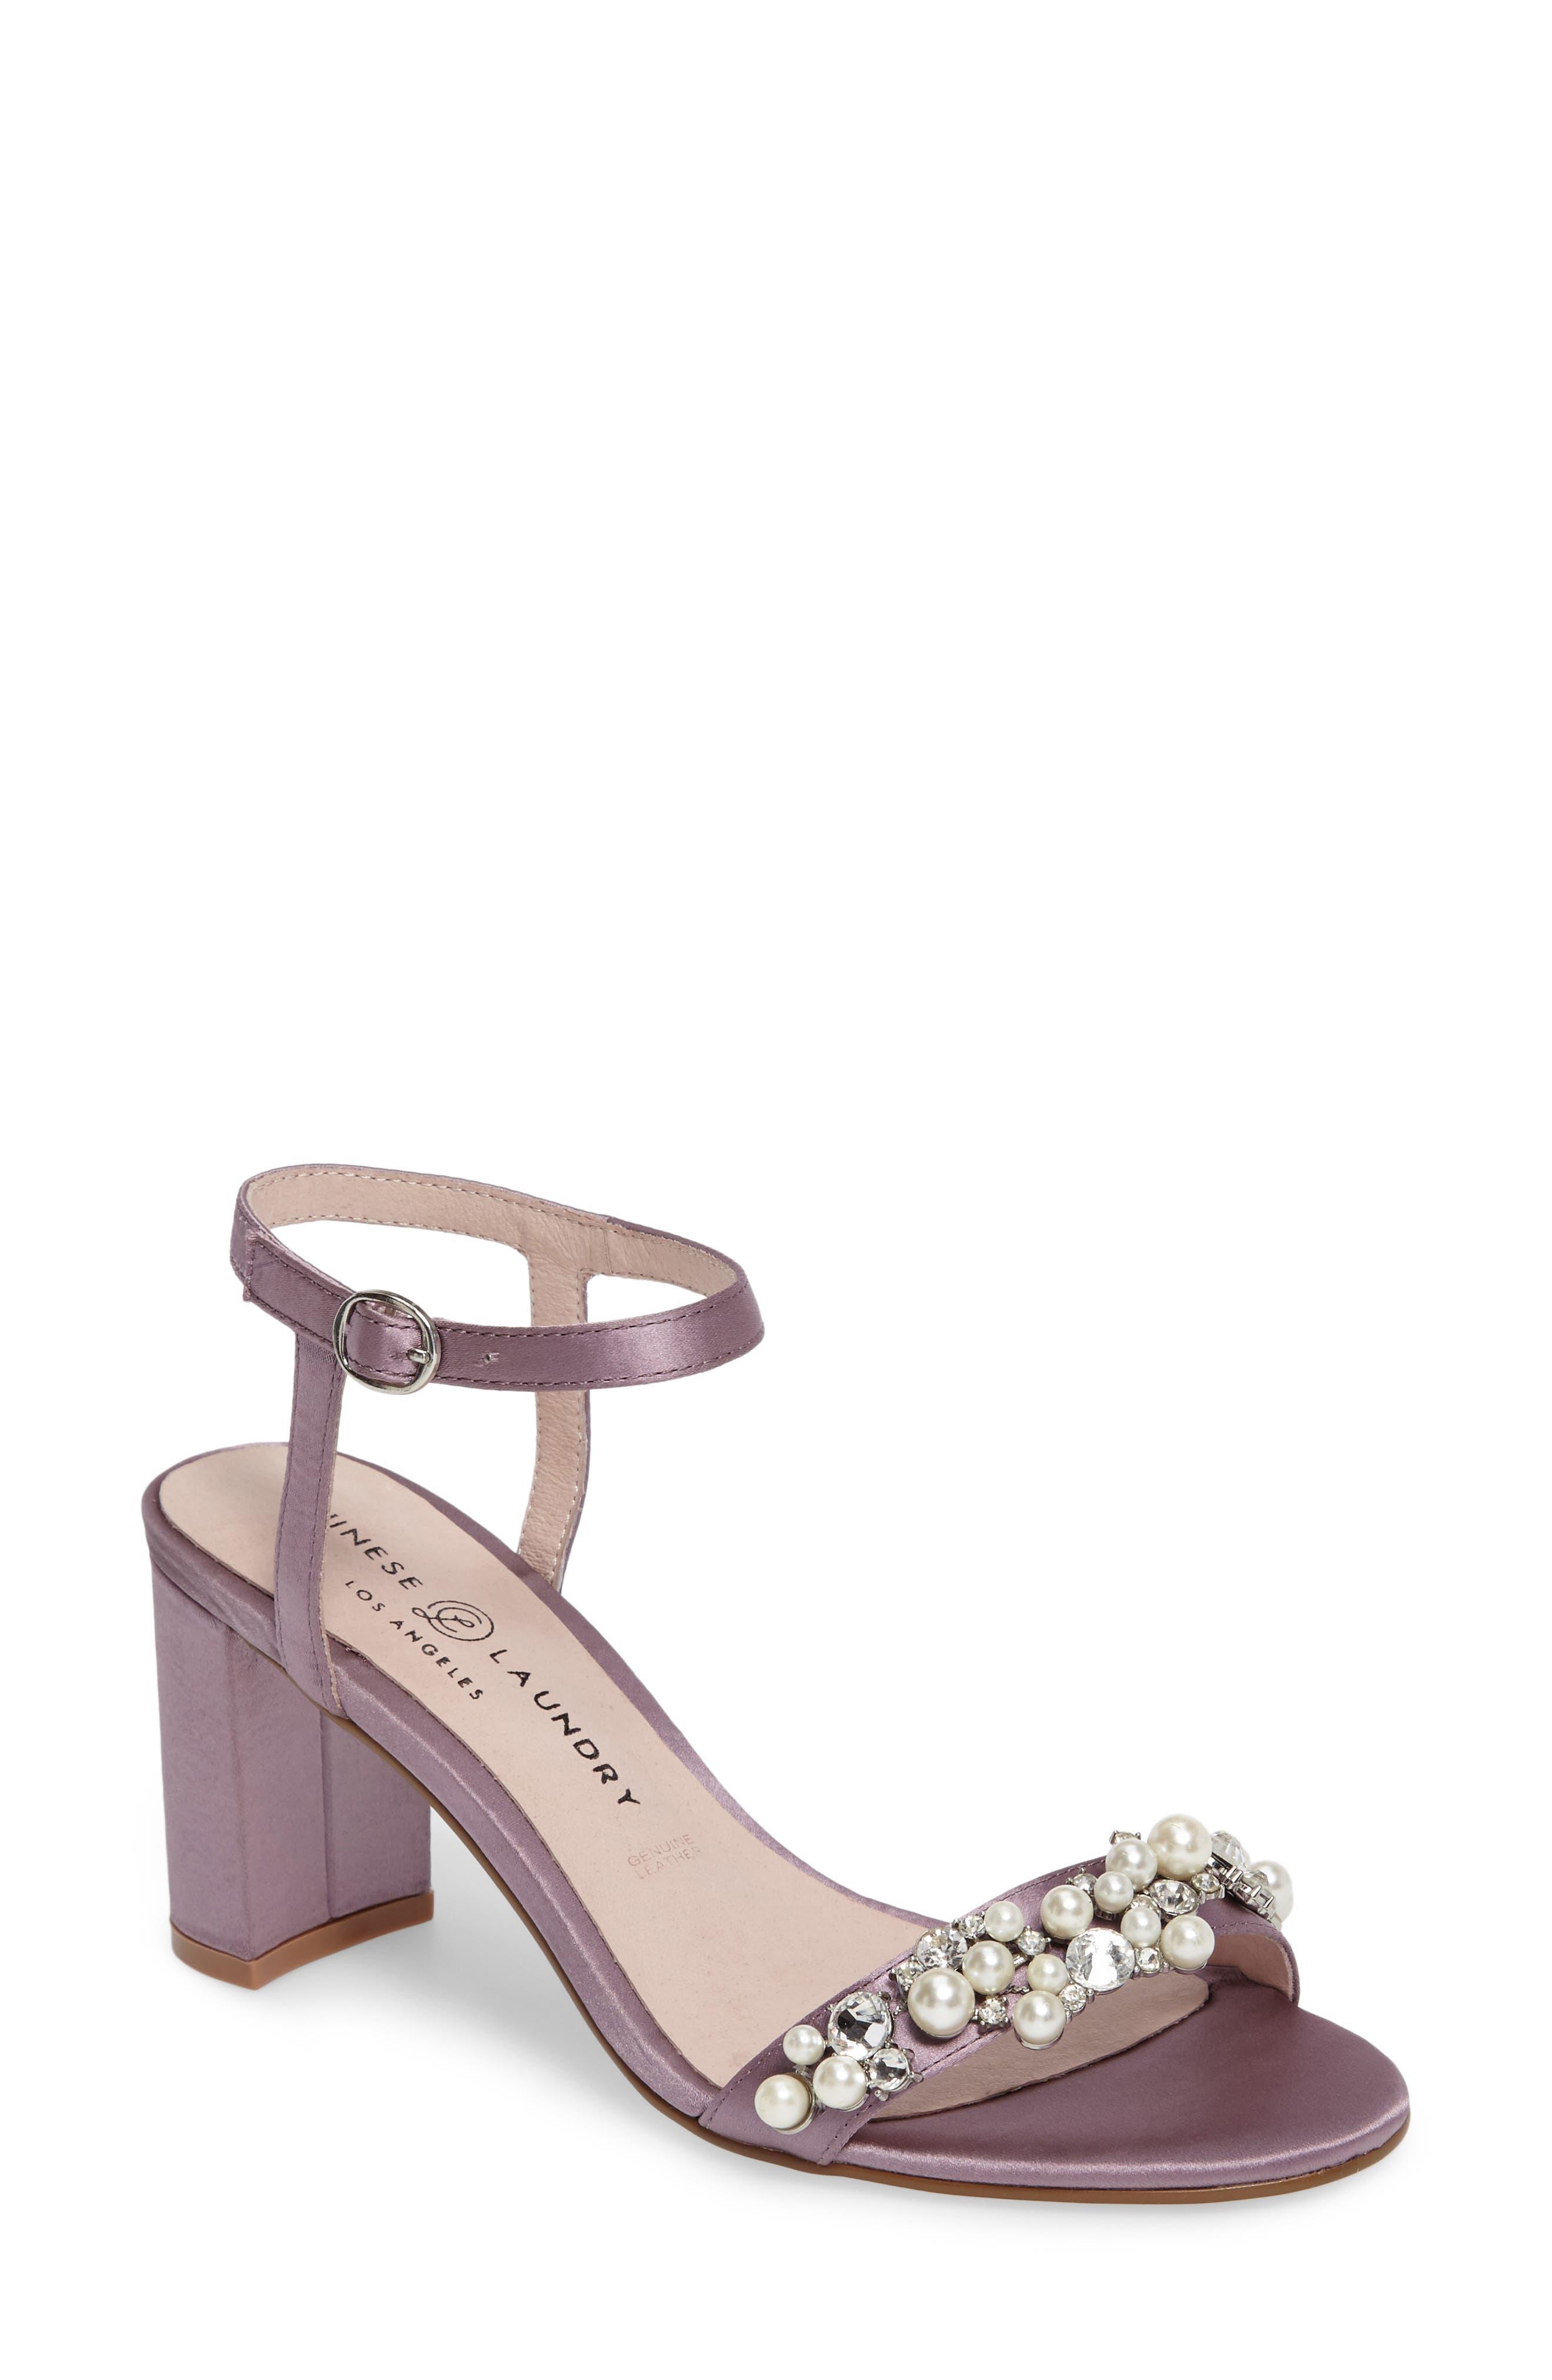 Main Image - Chinese Laundry Rosetta Embellished Sandal (Women)